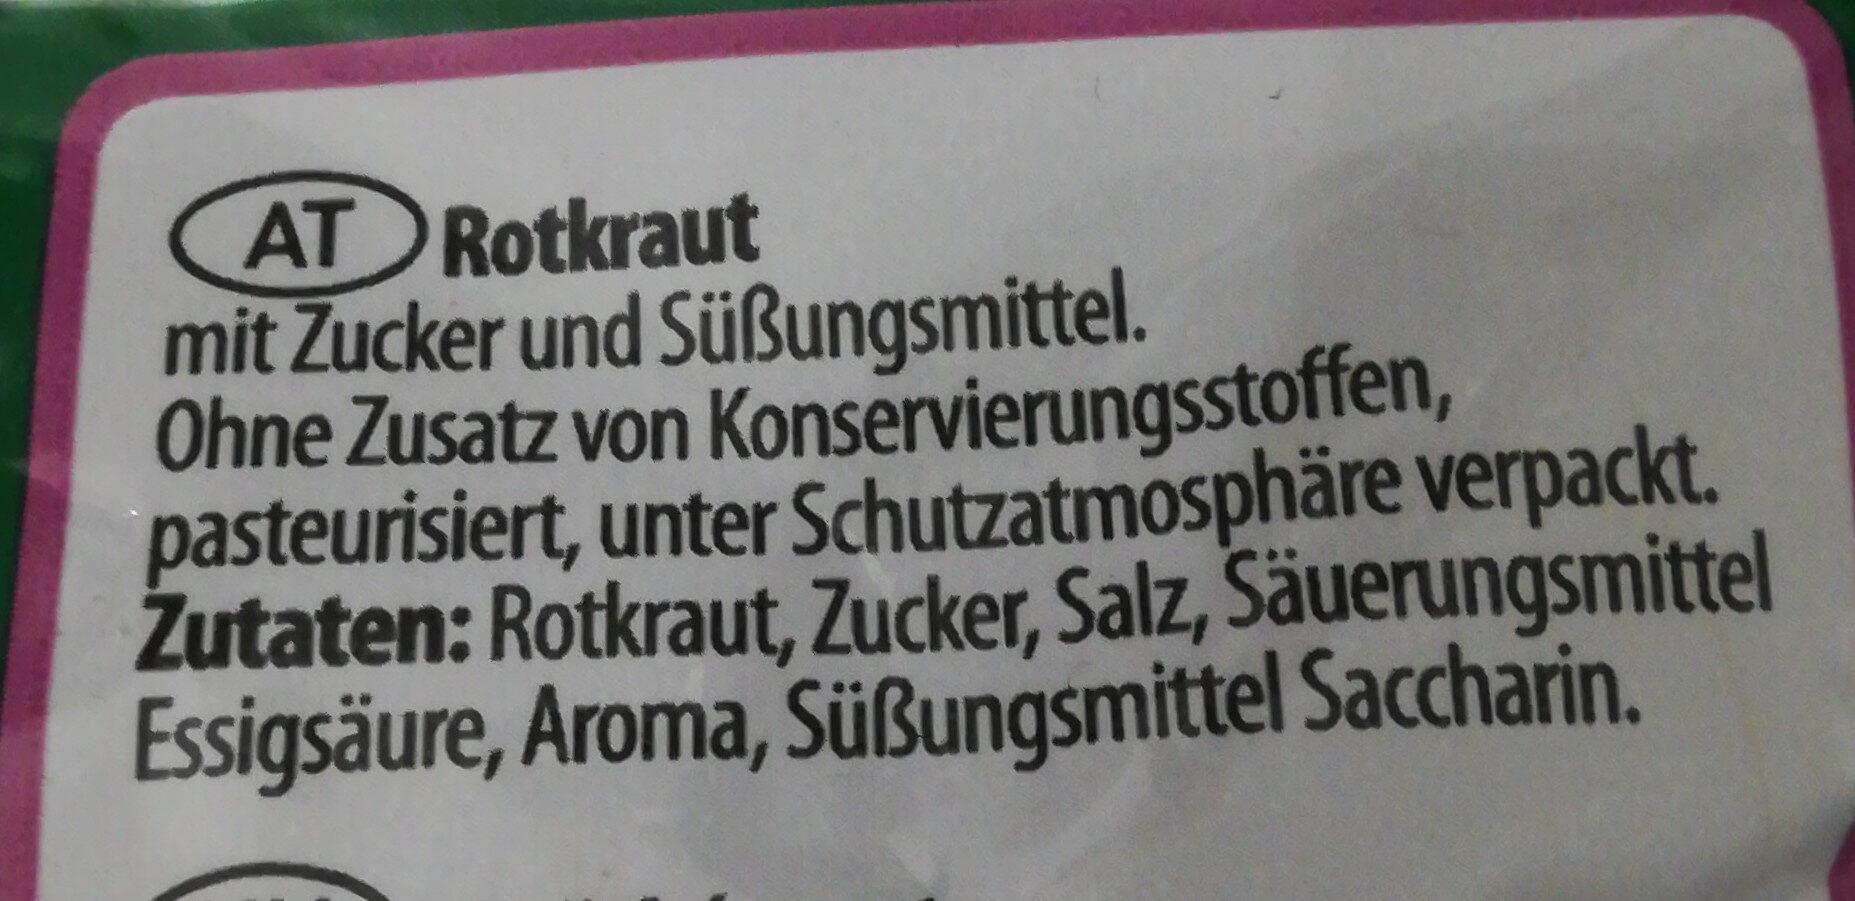 Rotkraut, essfertig - Ingrédients - de